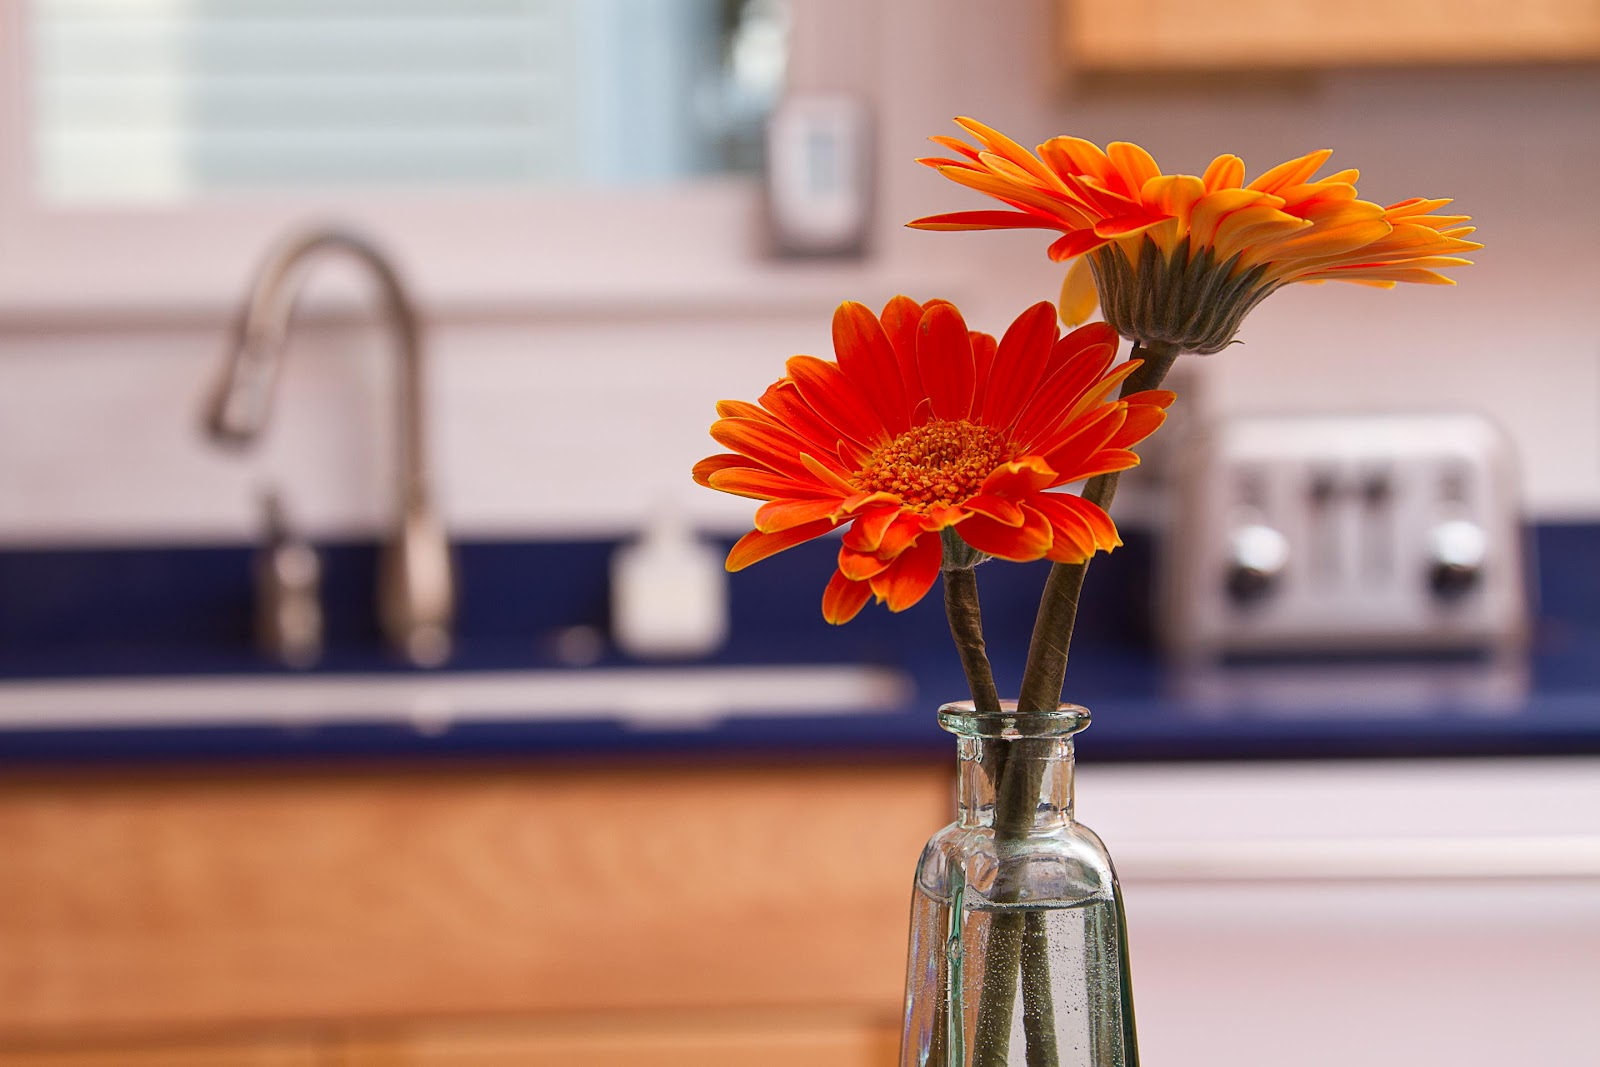 Flowers+in+kitchen